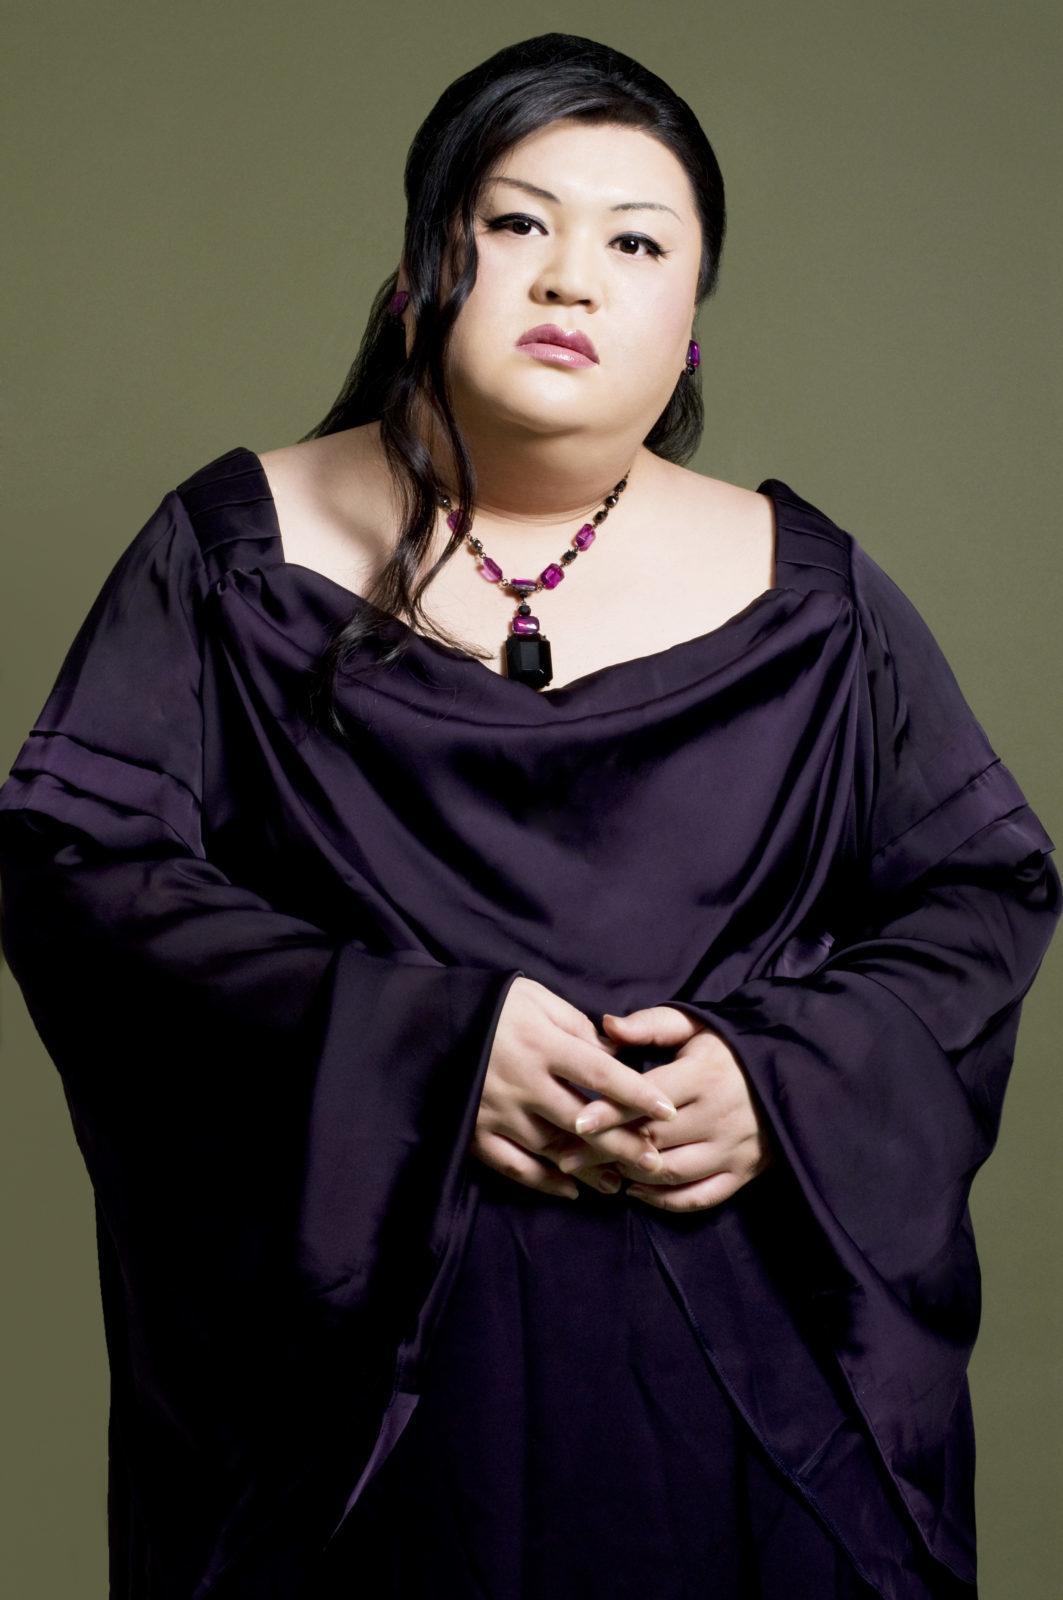 マツコ、吉永小百合のバラエティ番組出演理由に驚愕「虚言だと思ってた」サムネイル画像!